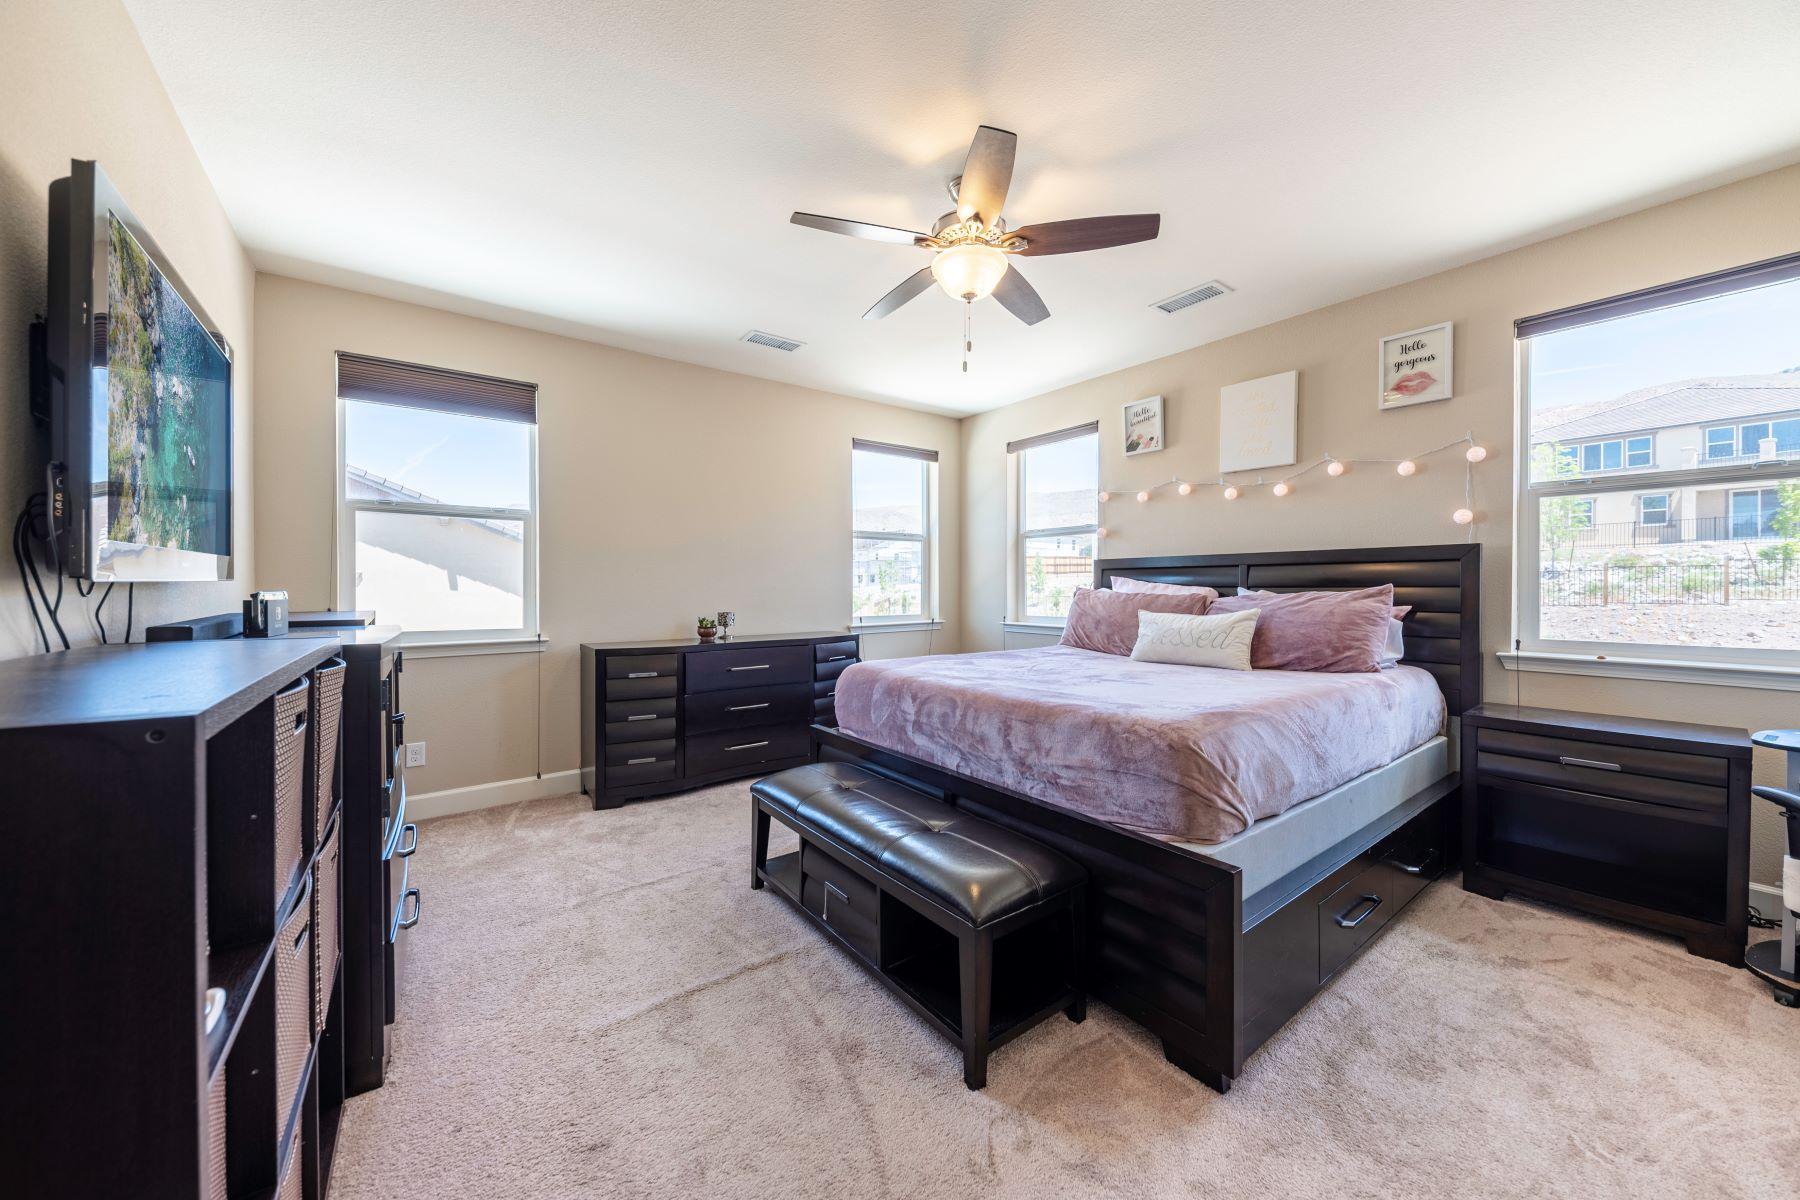 Additional photo for property listing at NextGen Golden Hills Living 10120 Barrel Racer Dr. Reno, Nevada 89521 United States